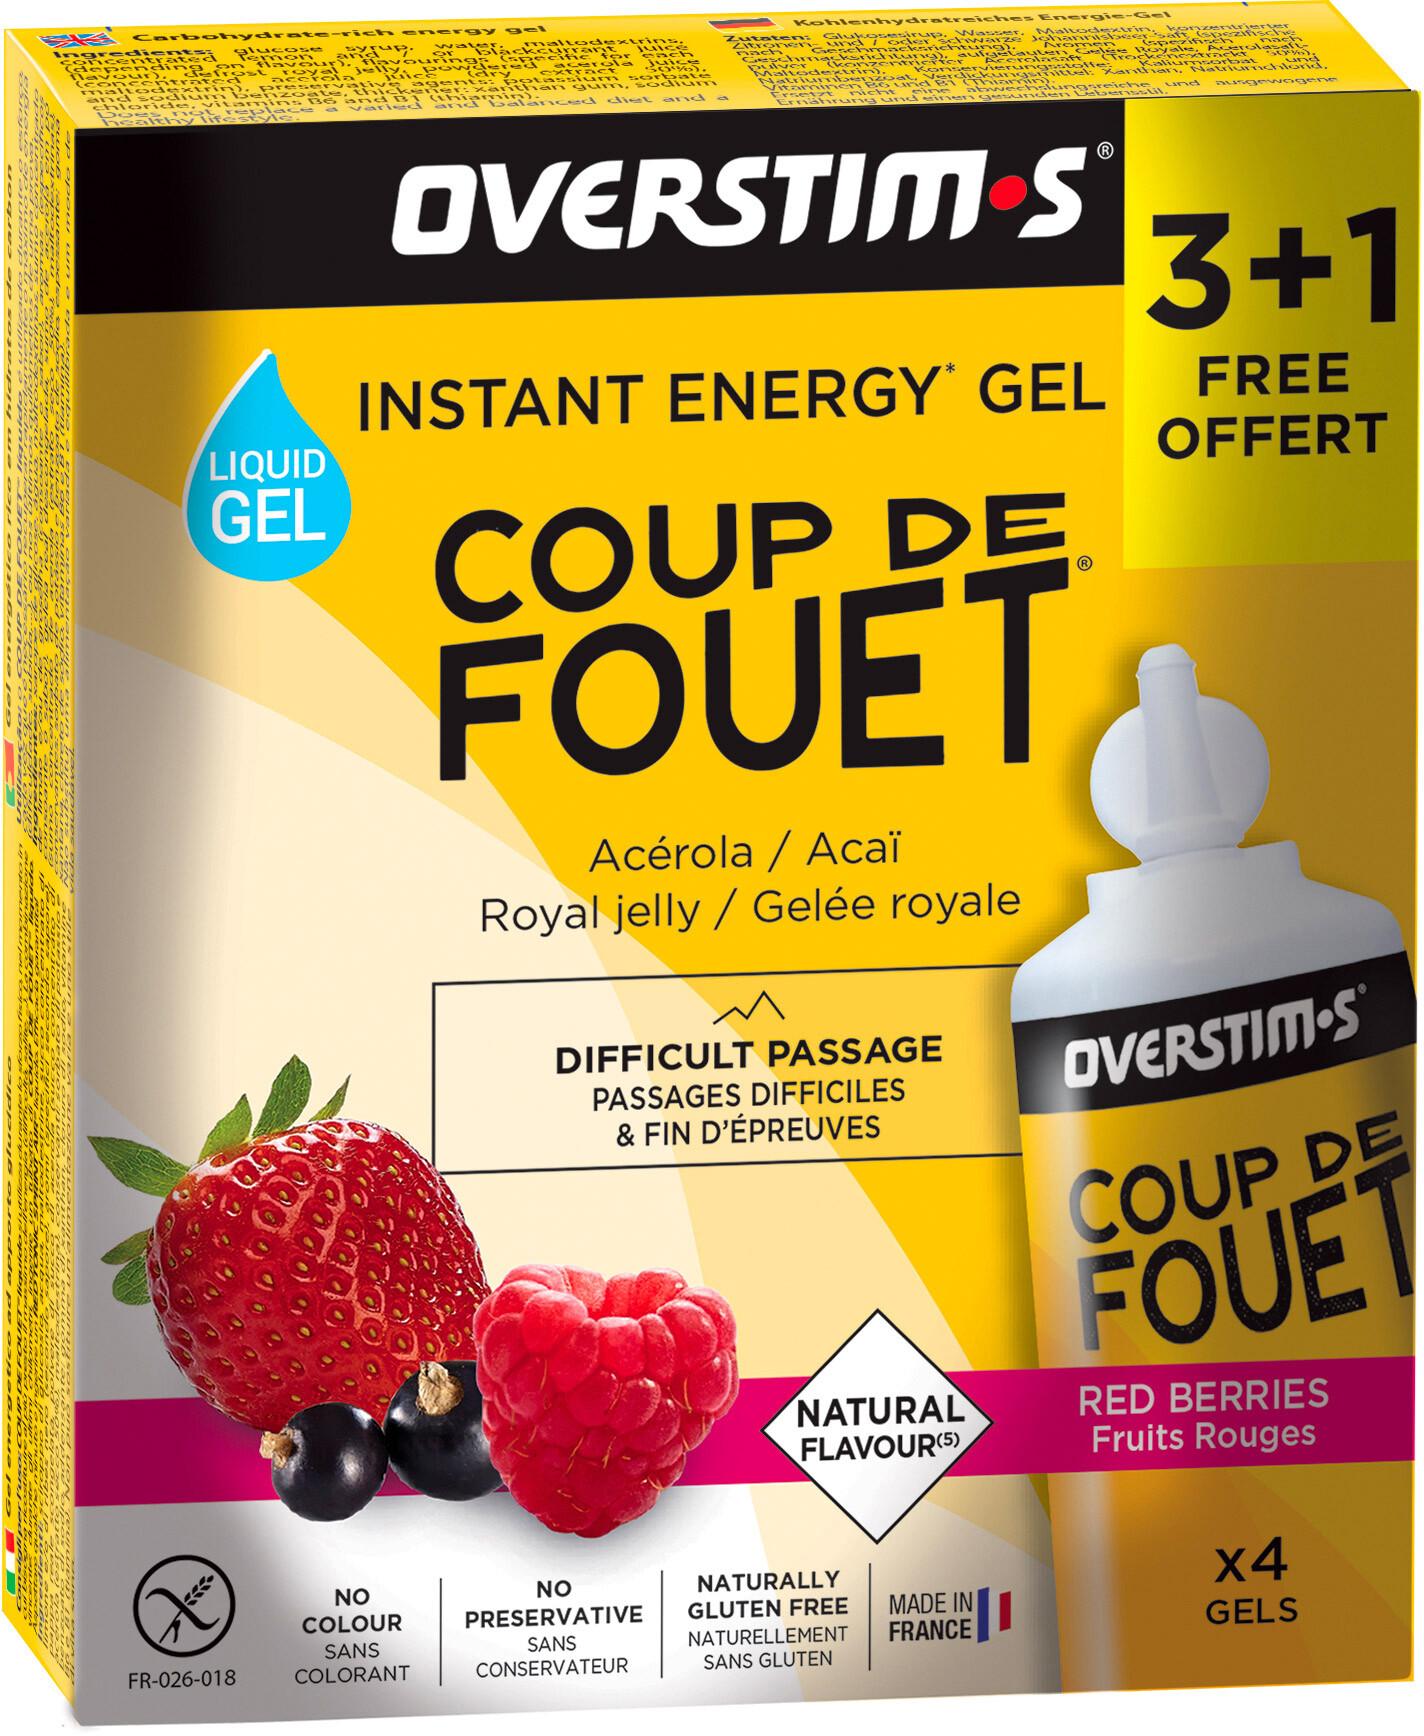 OVERSTIM.s Coup de Fouet Liquid Gel Box 3+1 Free 4x30g, Red Berries | Energi og kosttilskud > Tilbebør